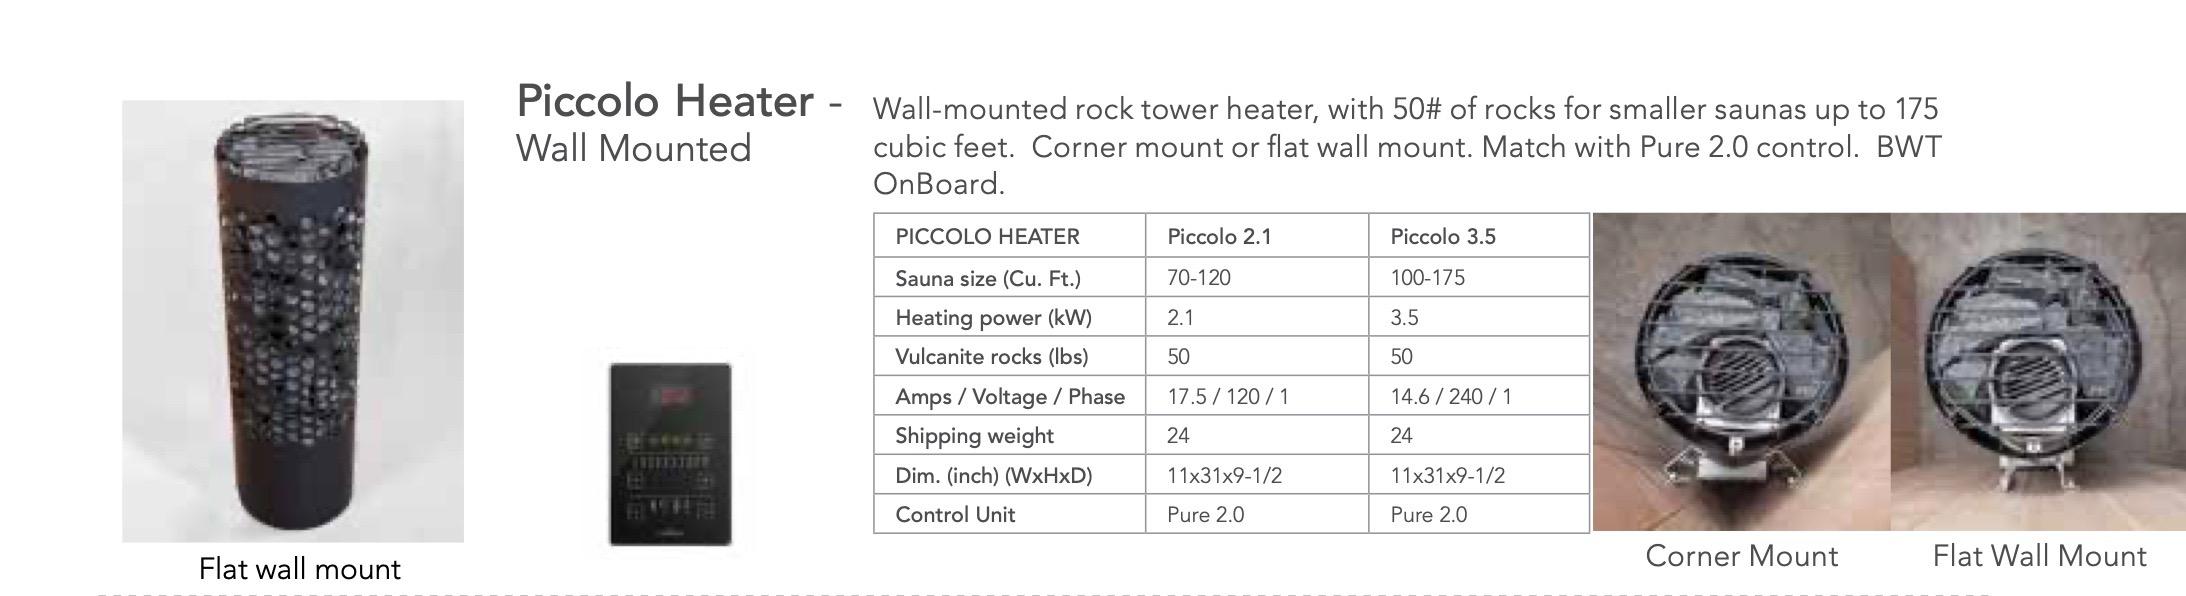 Picollo Heater